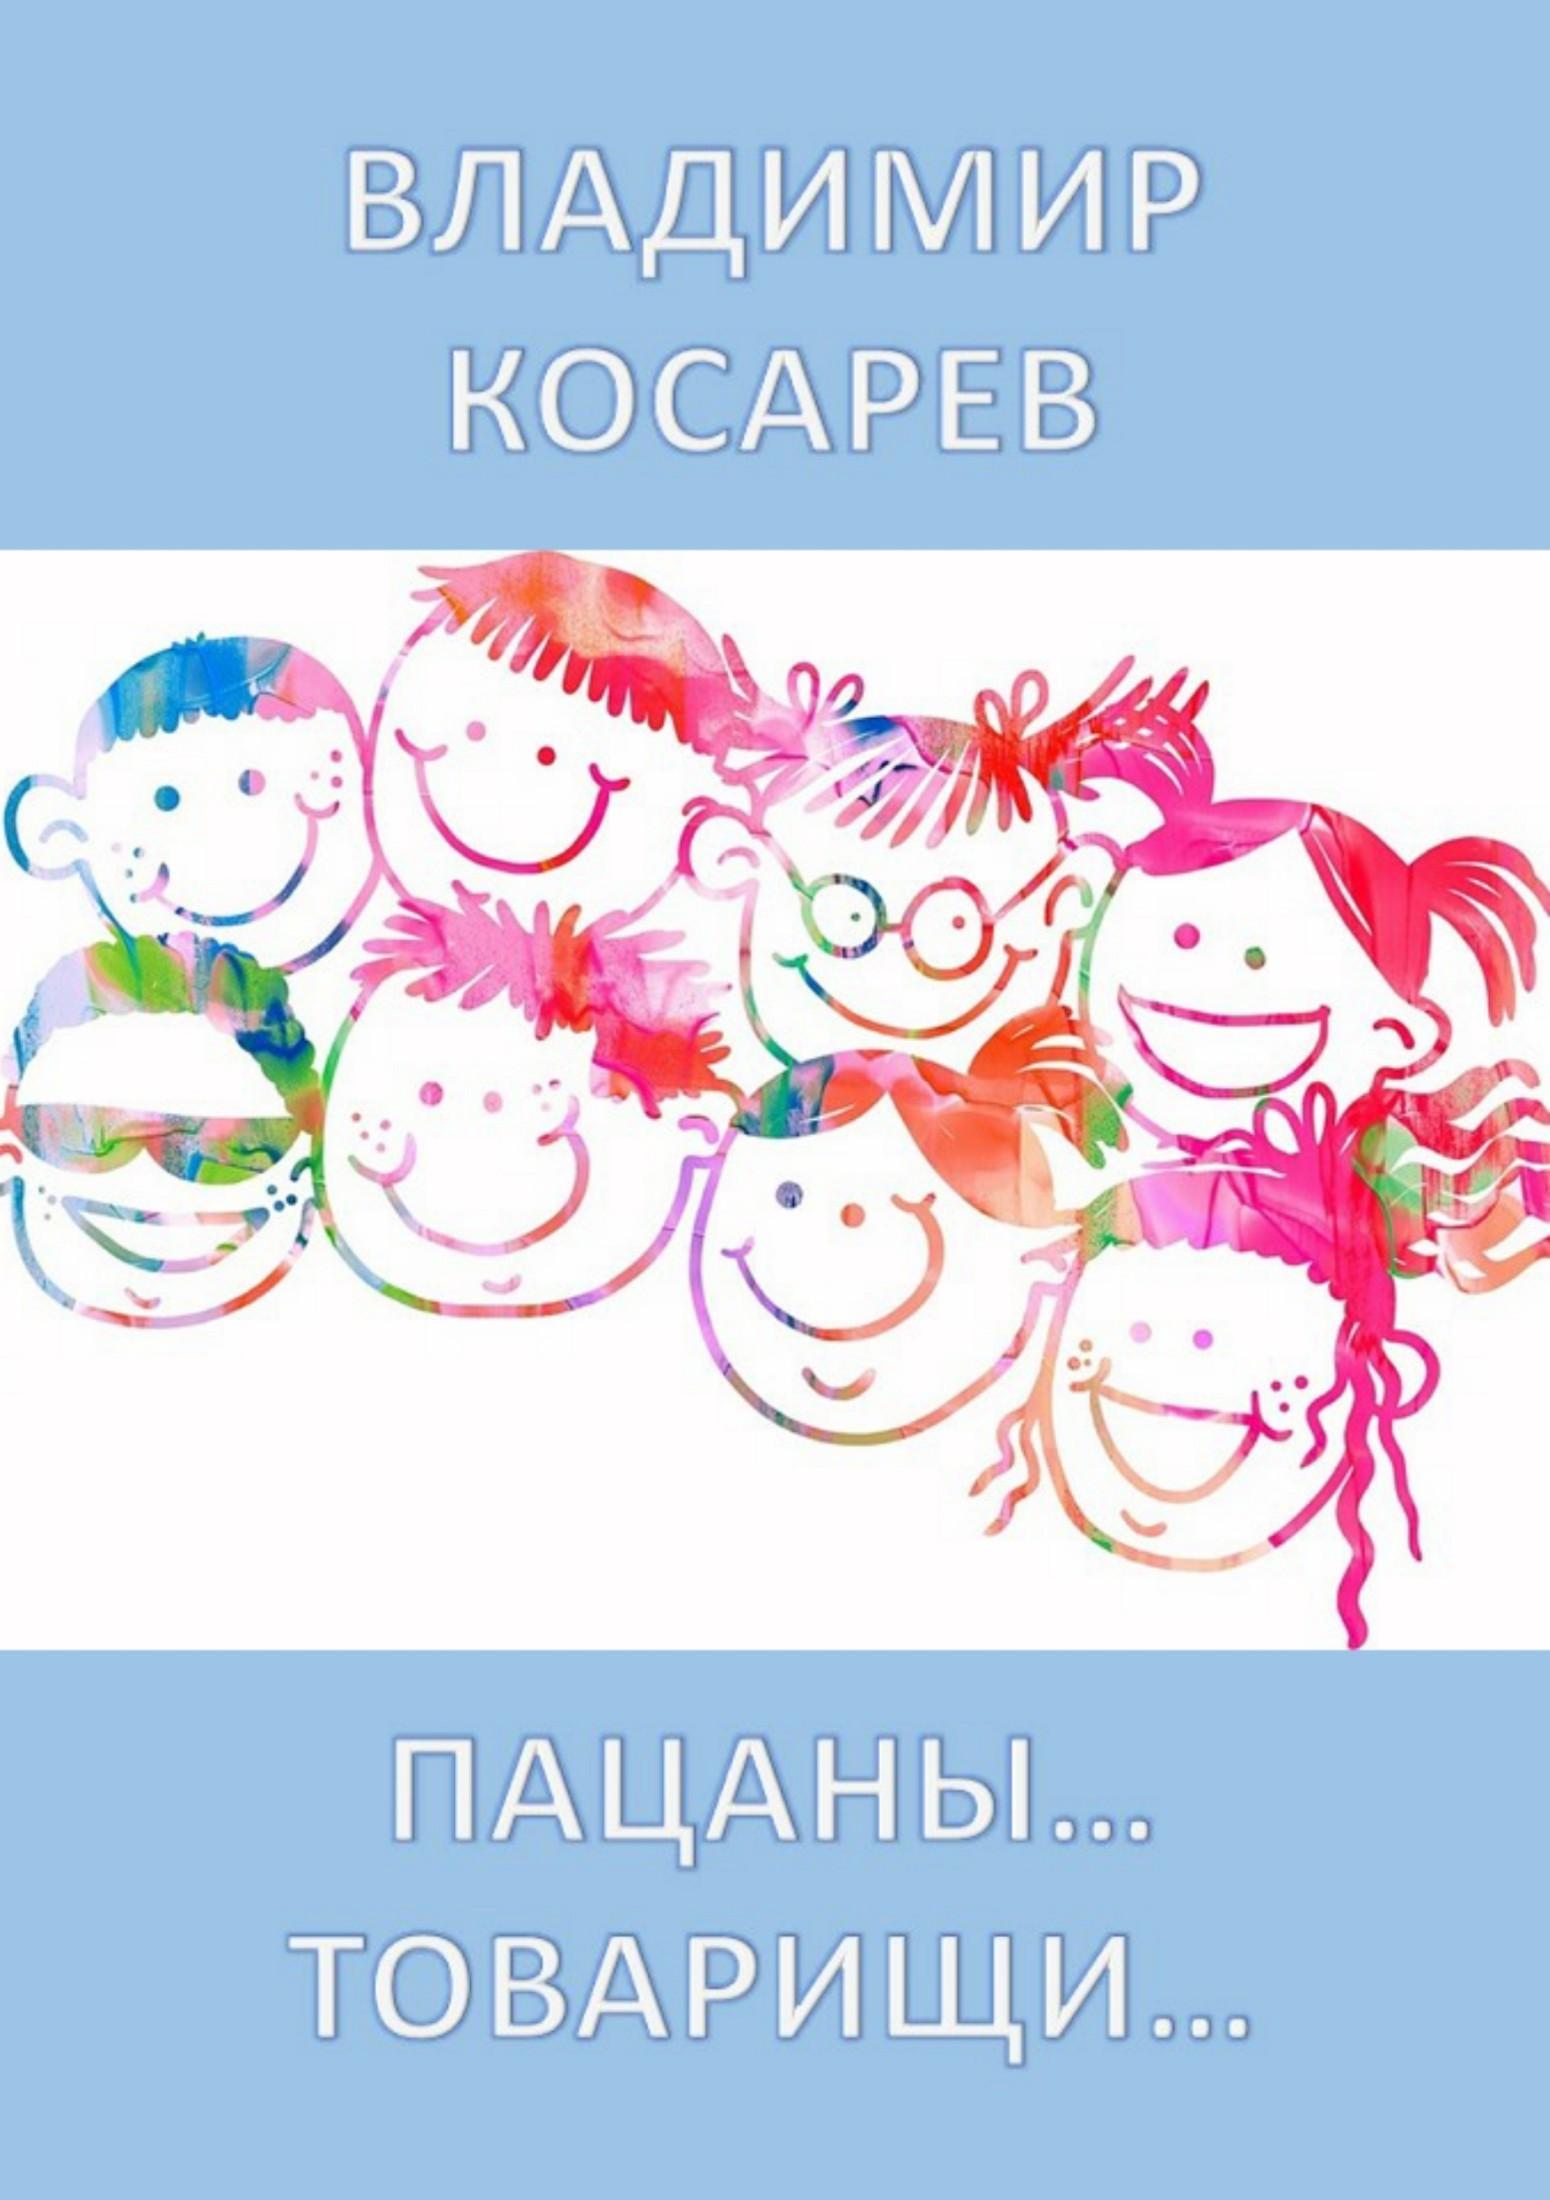 Владимир Косарев - Пацаны.... Товарищи....